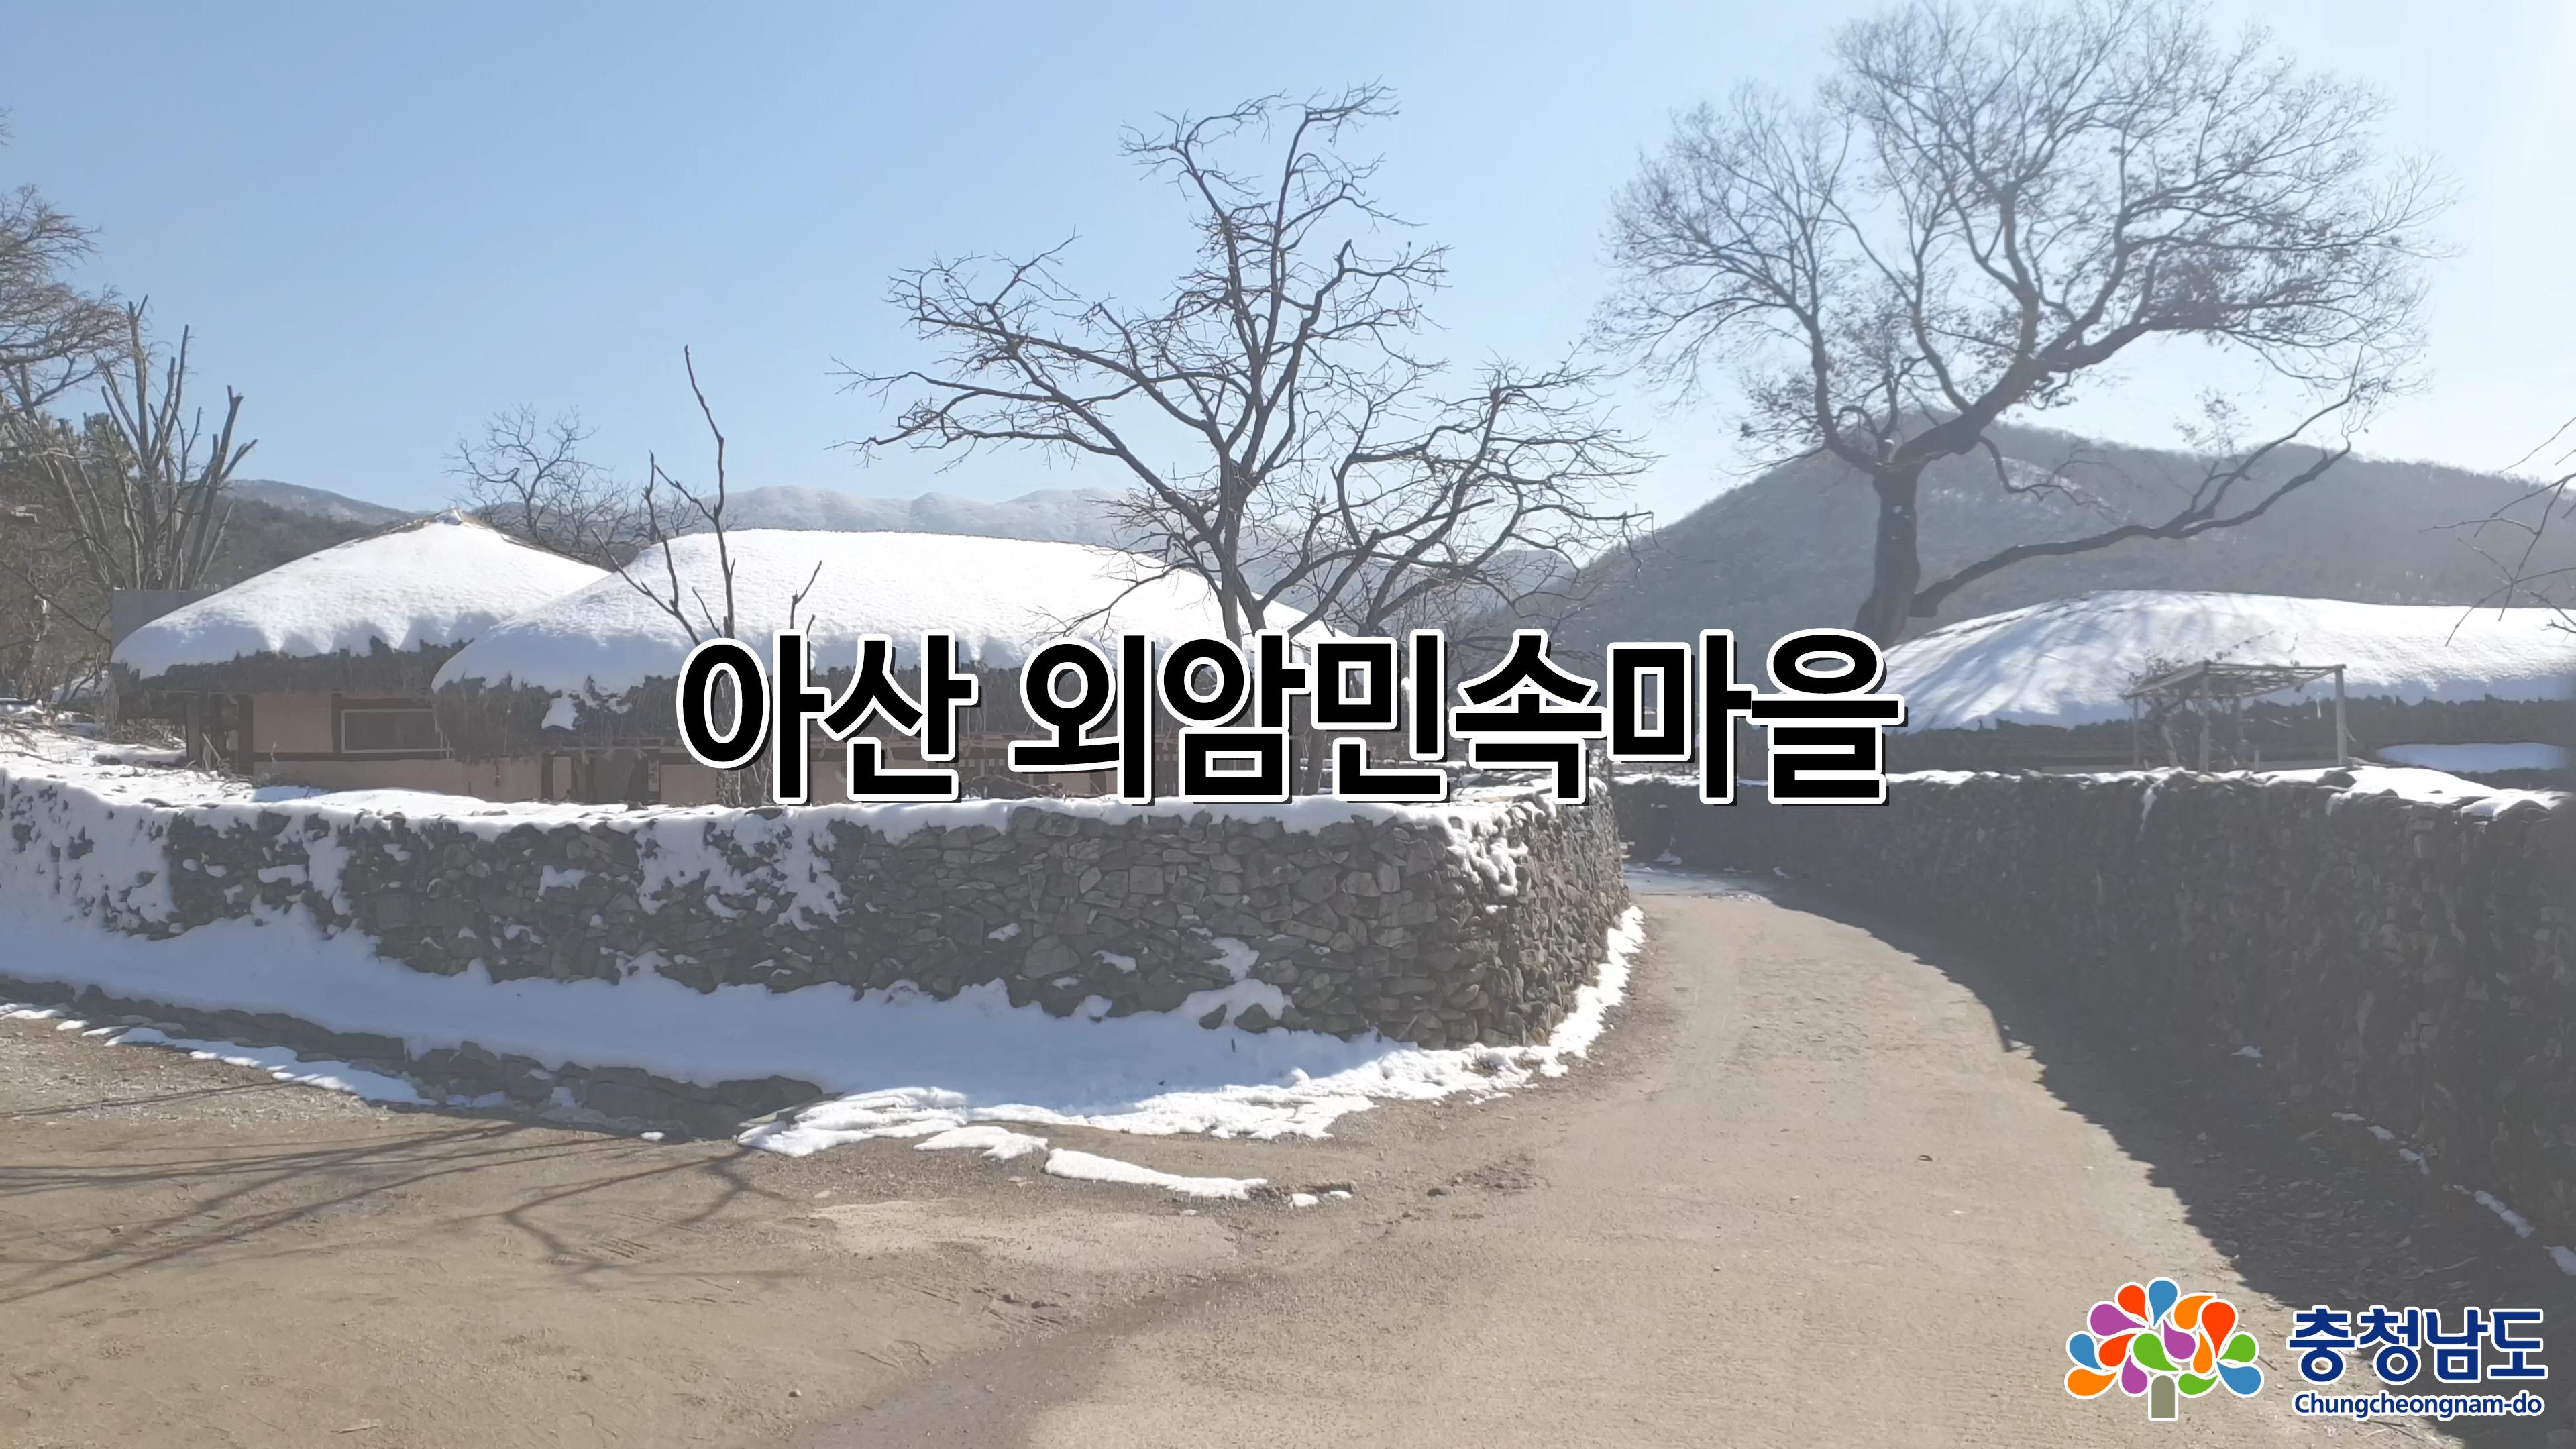 아산 외암민속마을의 겨울 풍경